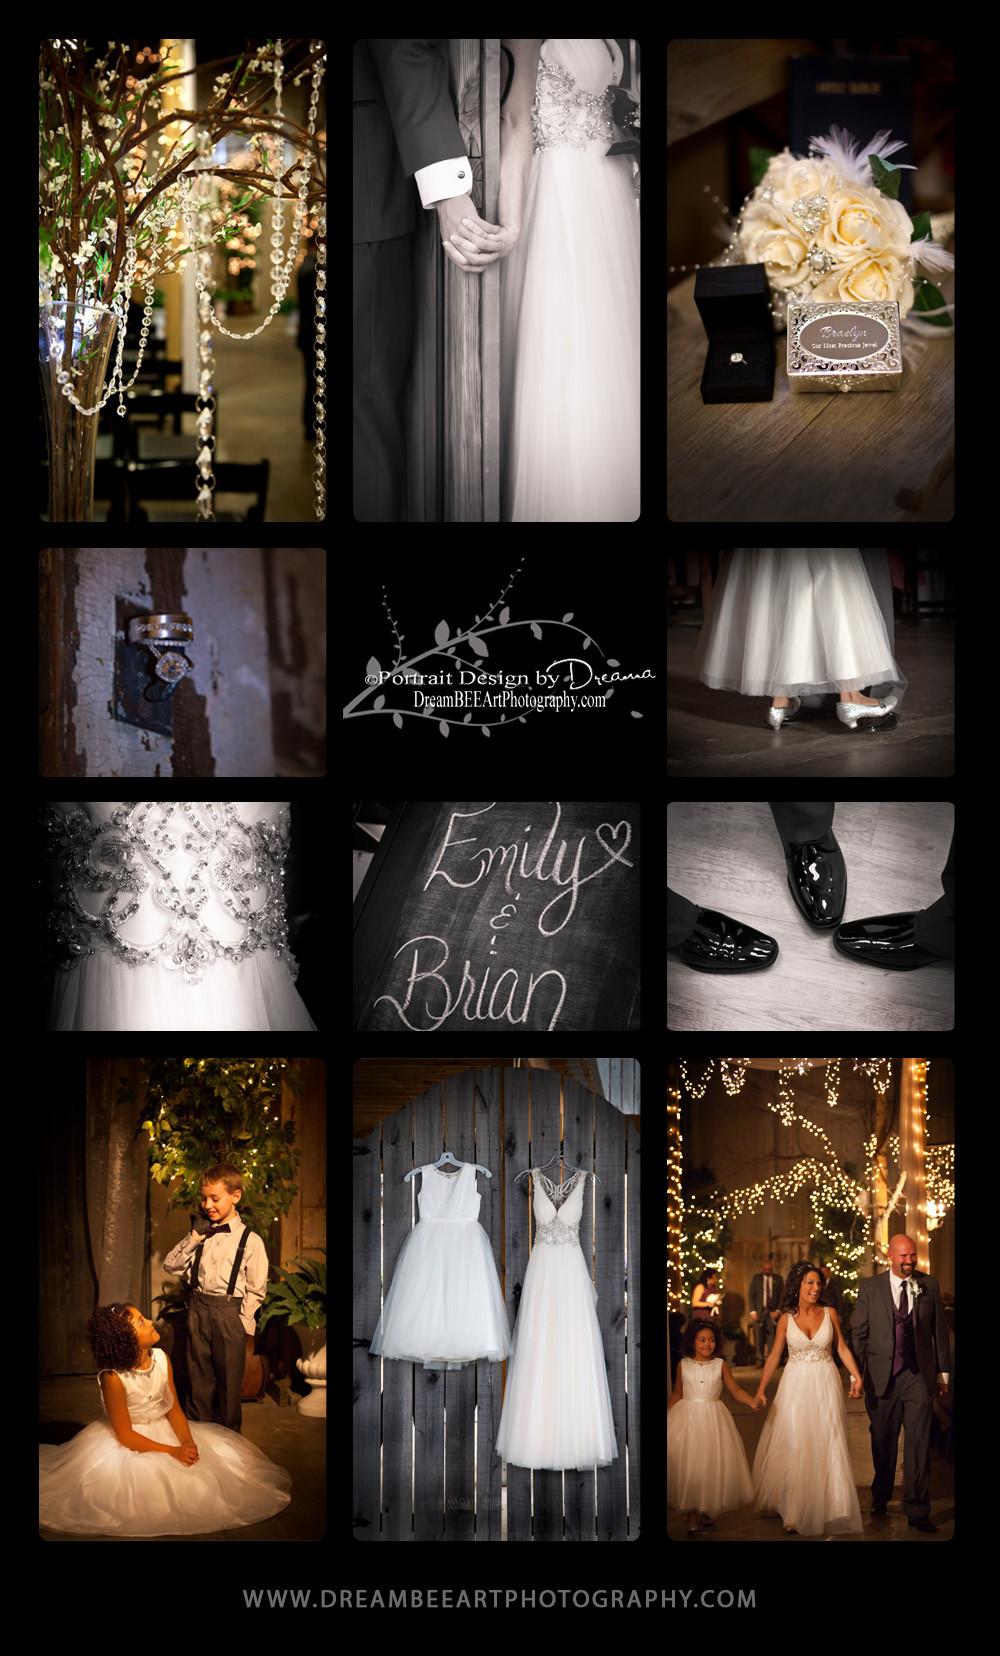 Brooks + Webster Storybook Wedding, Epic Event Center, Portrait Design by Dreama